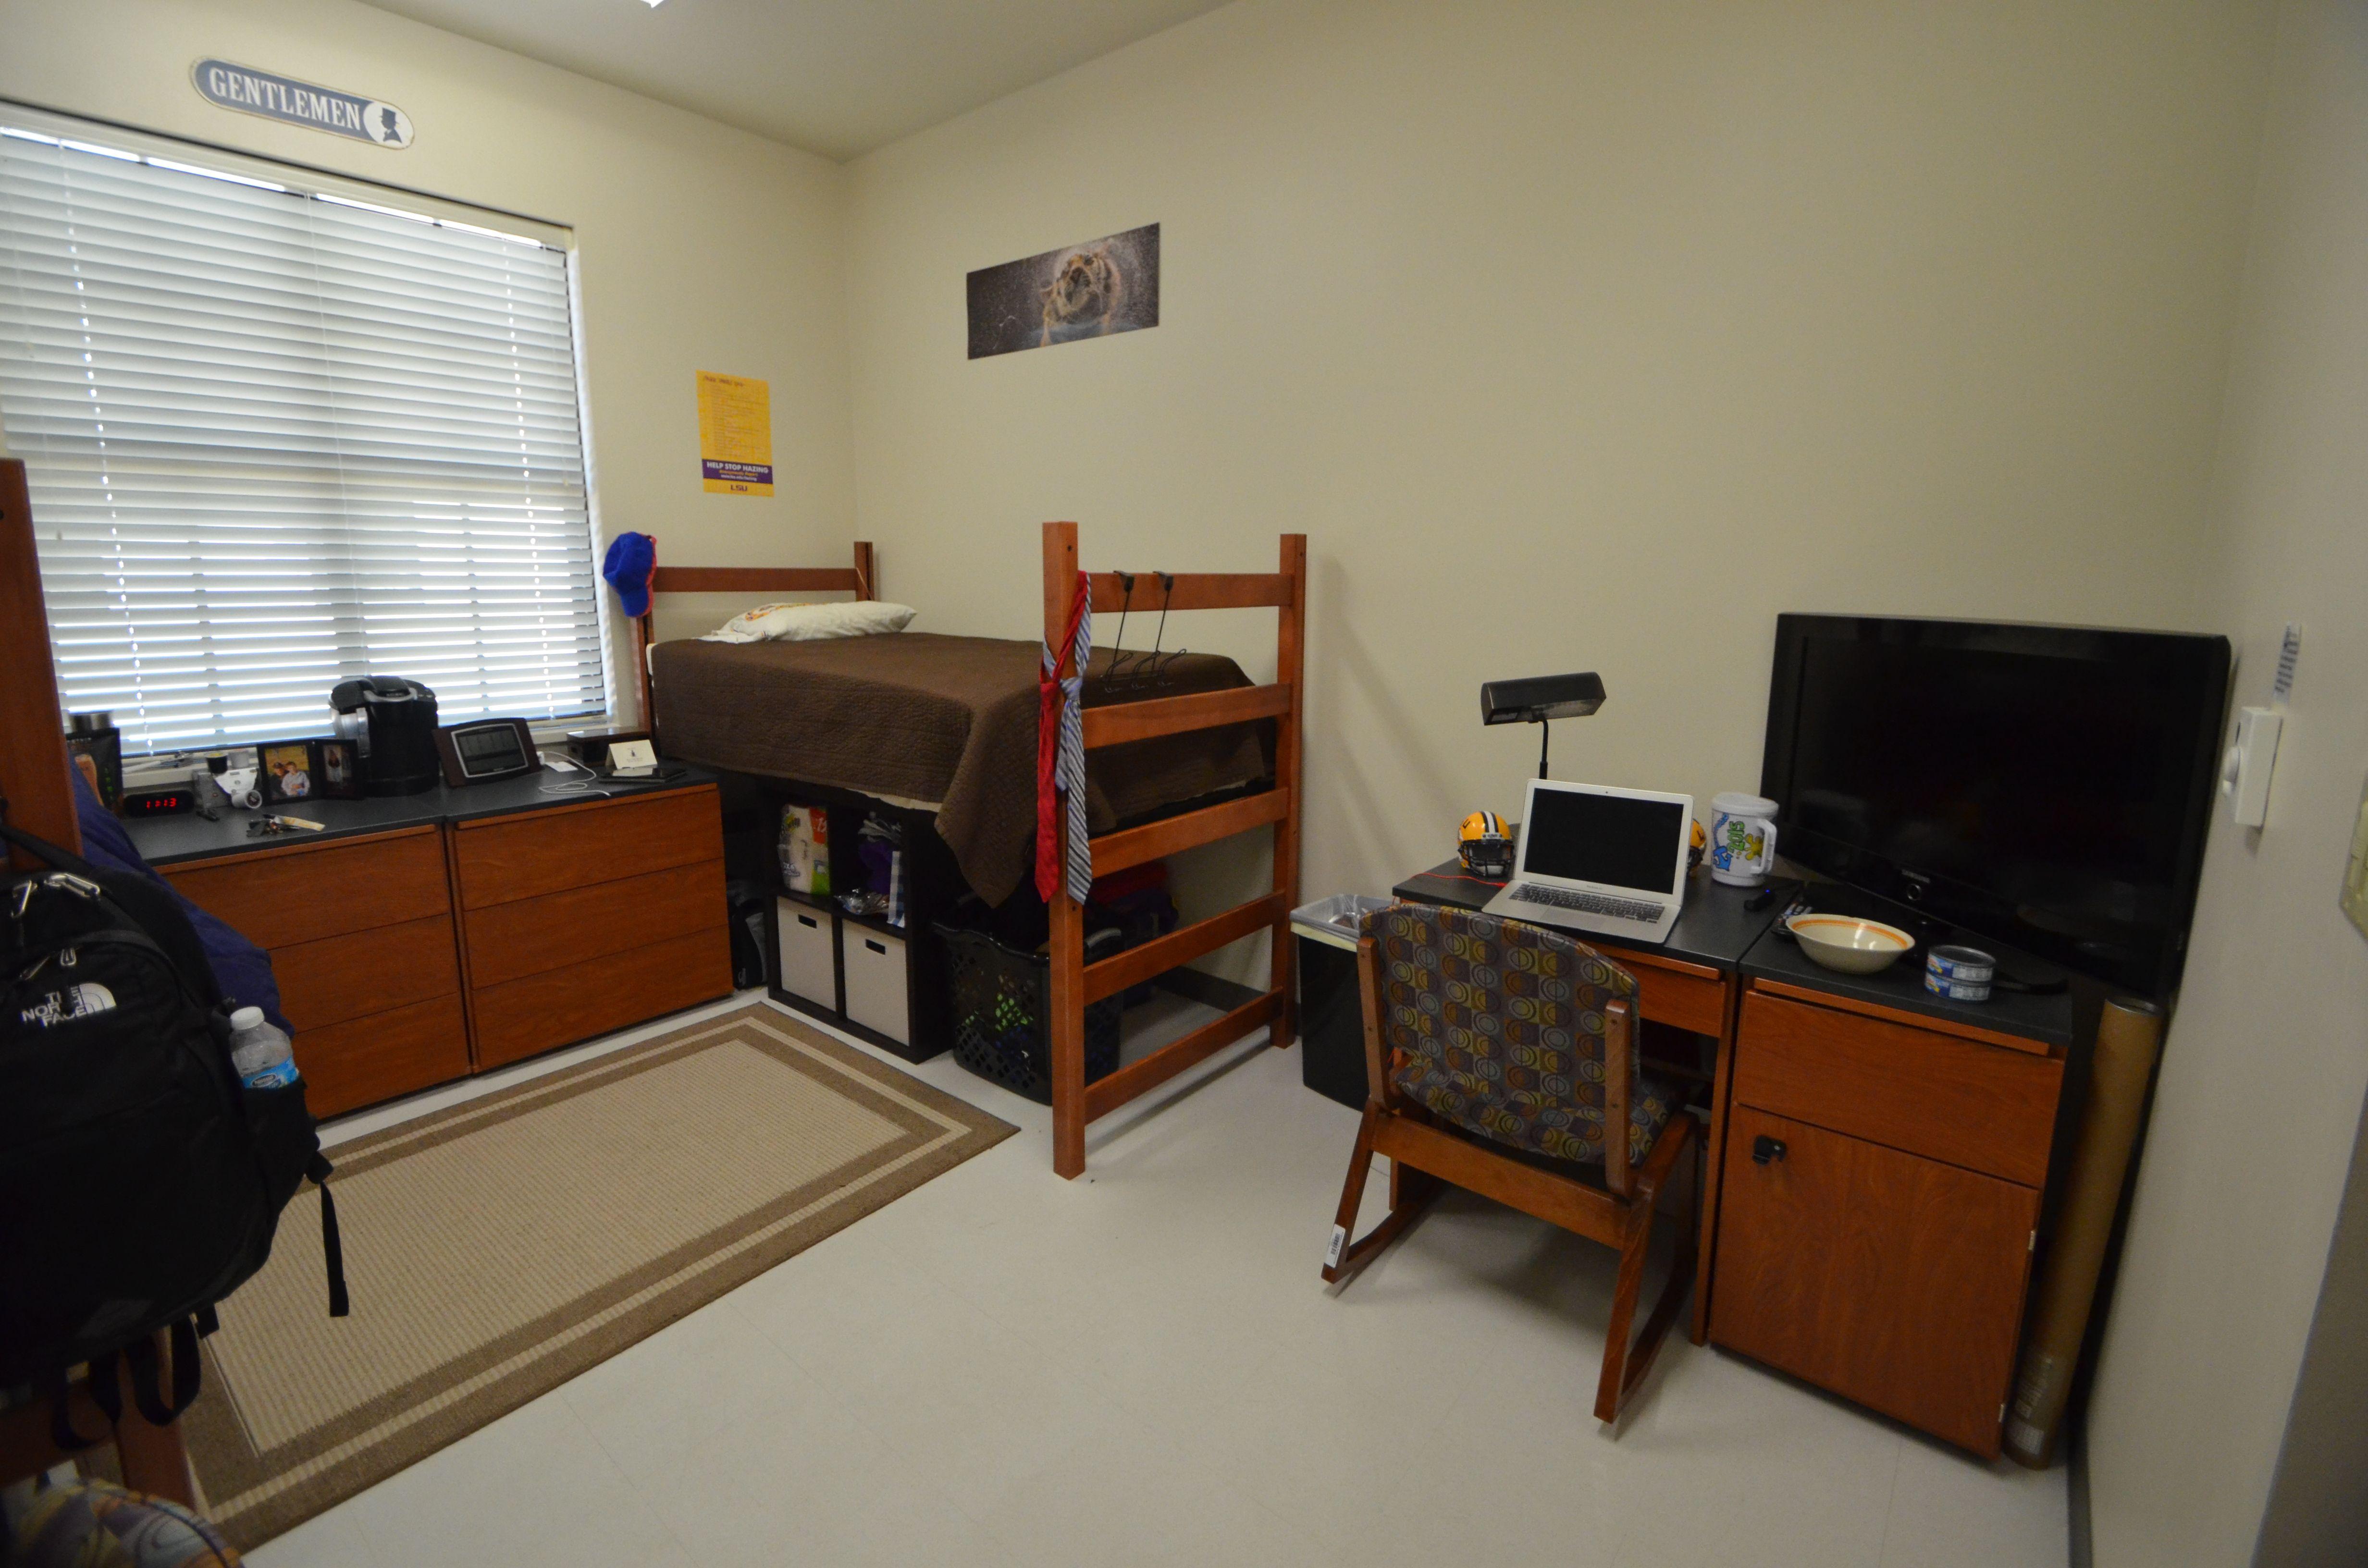 Lsu Dorm Room Tv